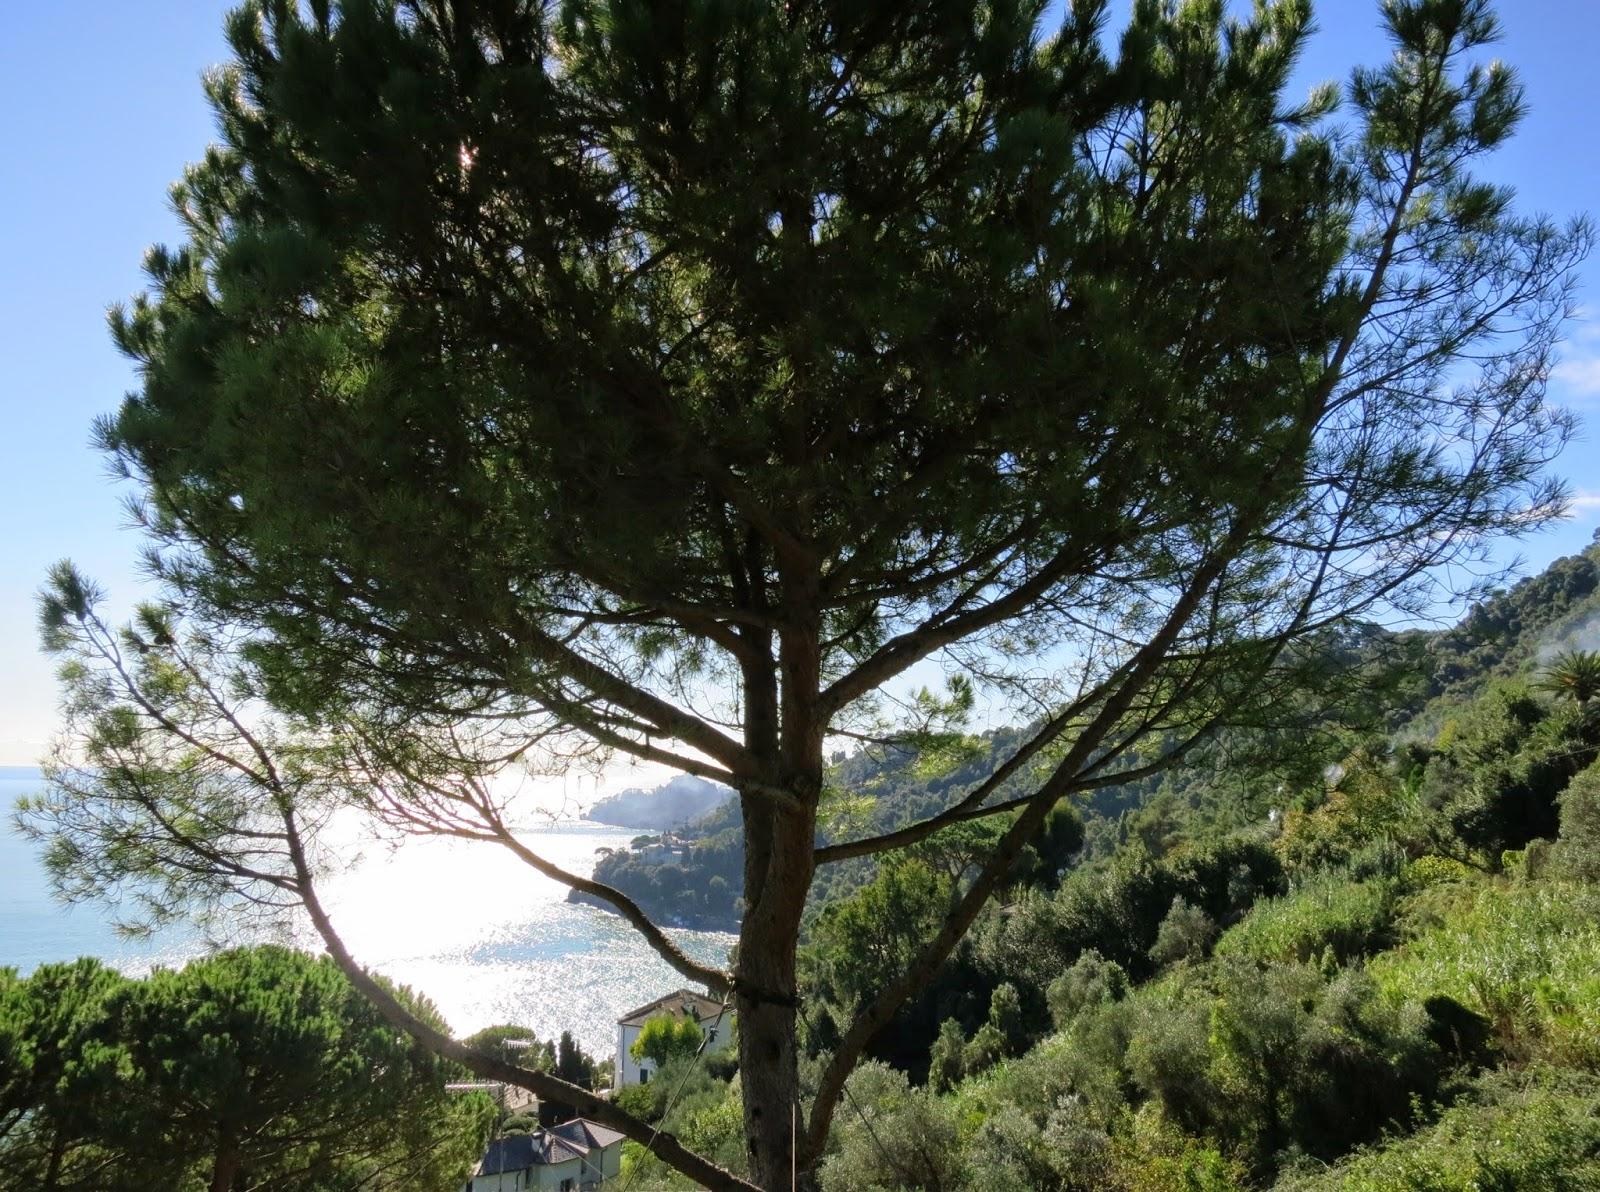 View from Madonna della Neve toward Portofino